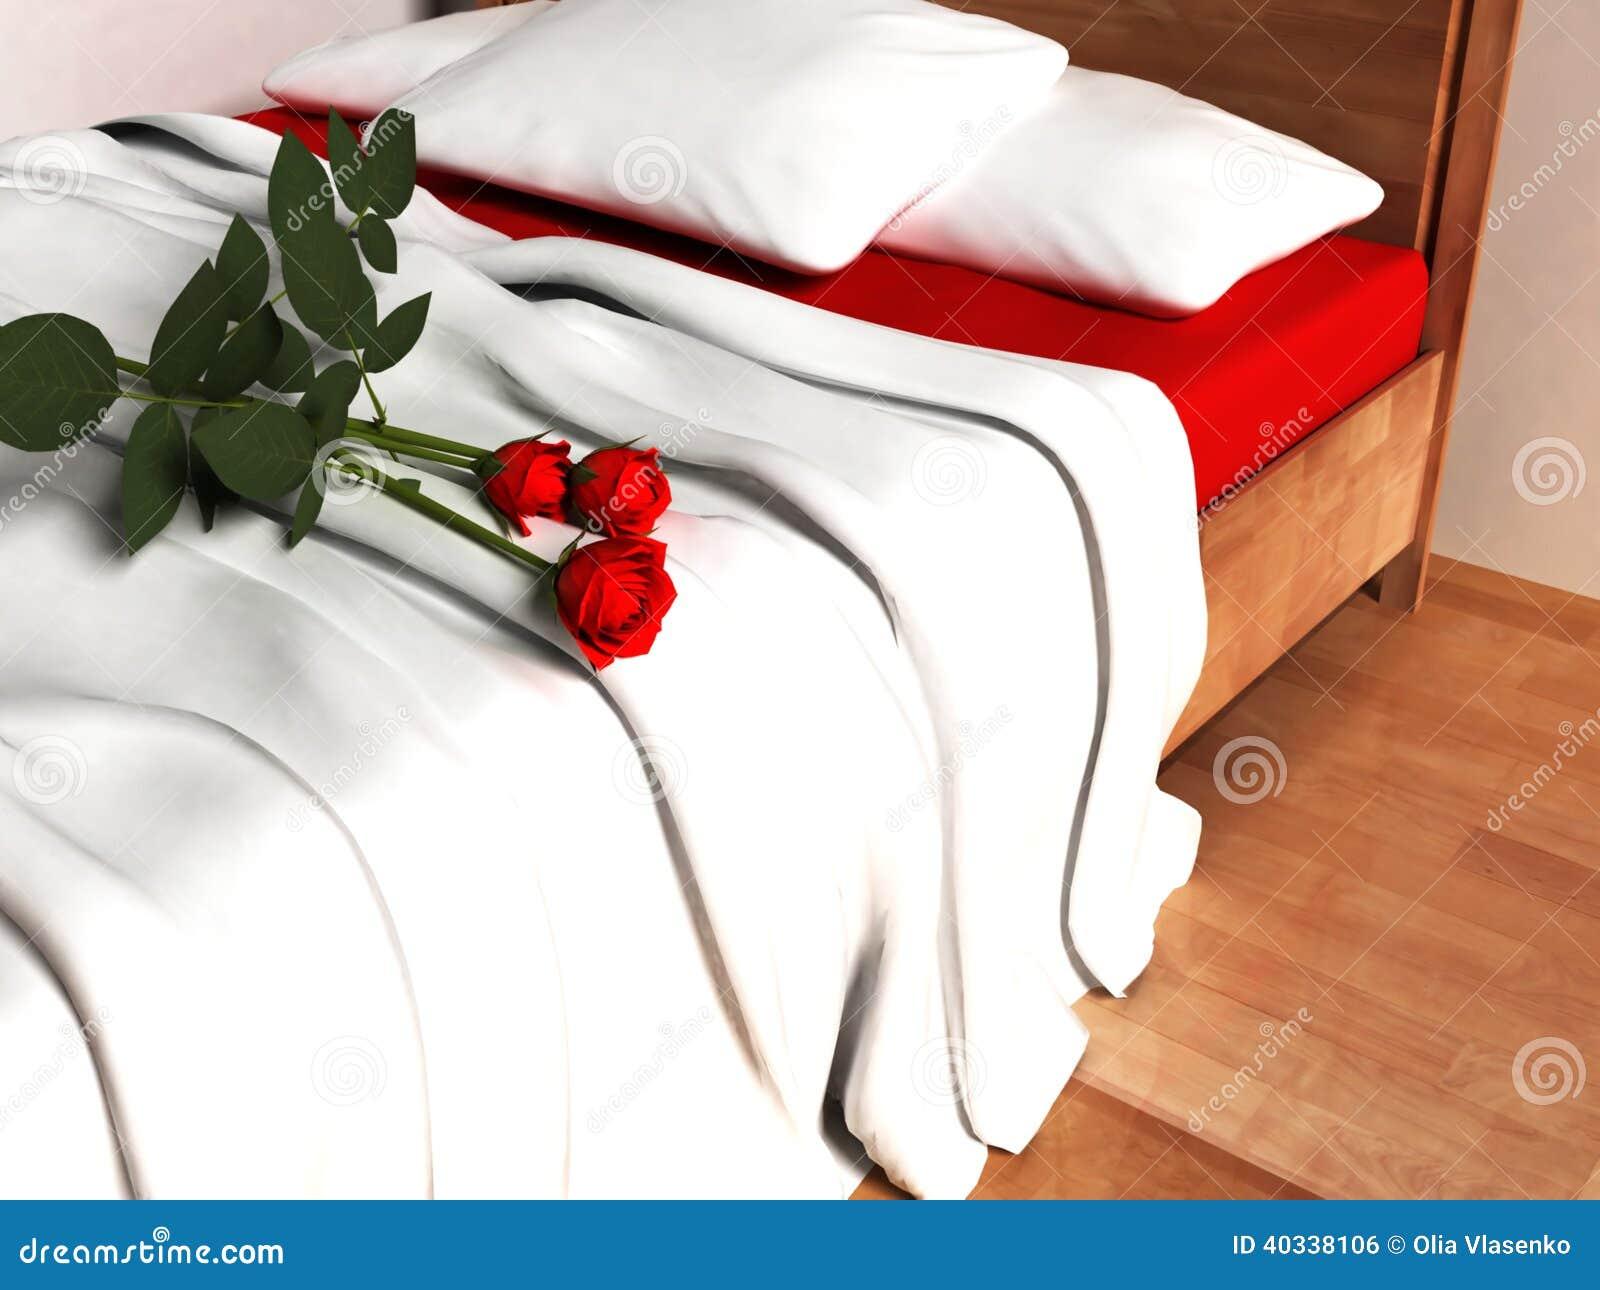 Rote Rosen auf dem Bett